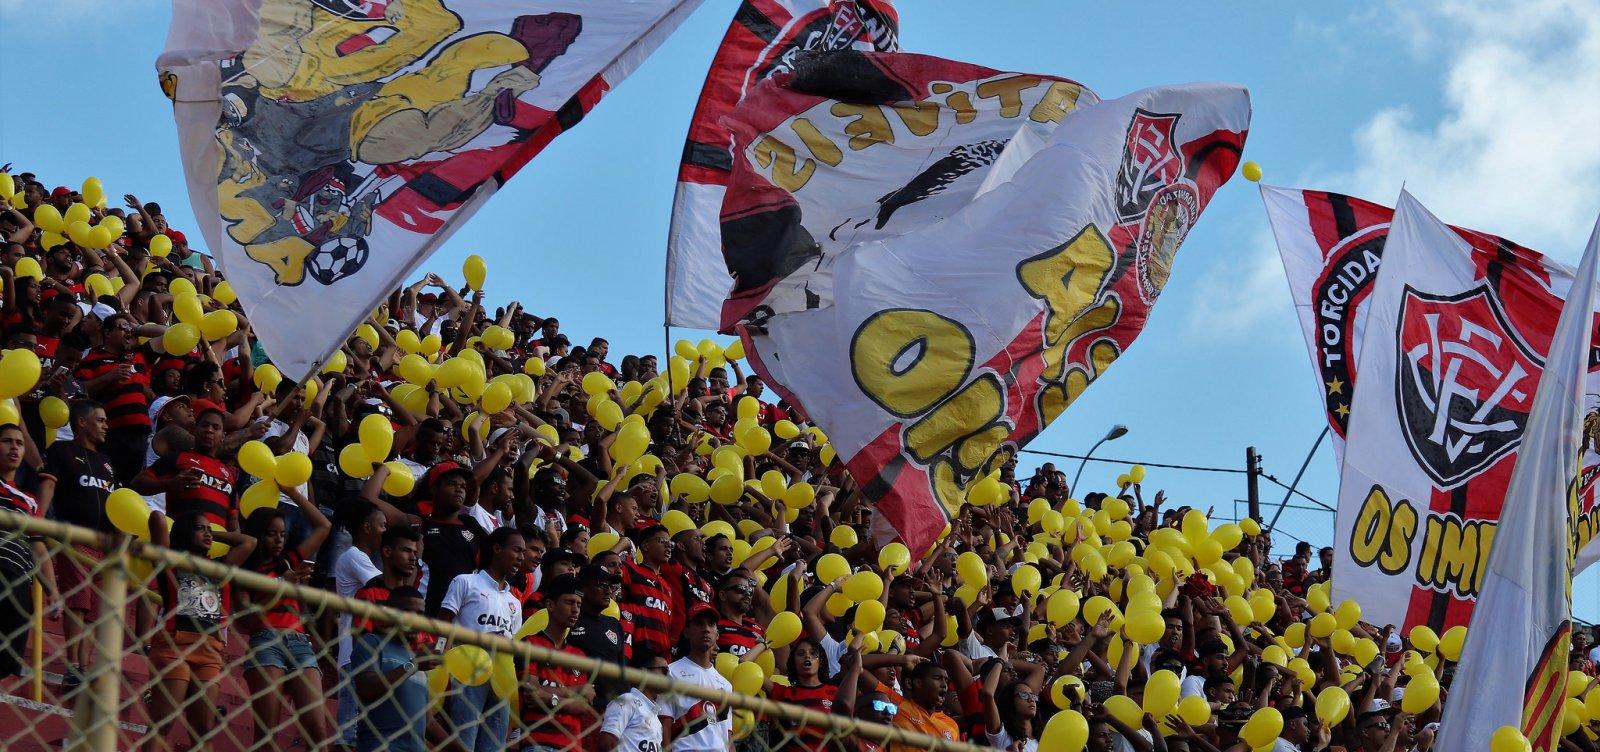 Vitória mantém promoção com ingressos a R$ 10 para enfrentar o Botafogo